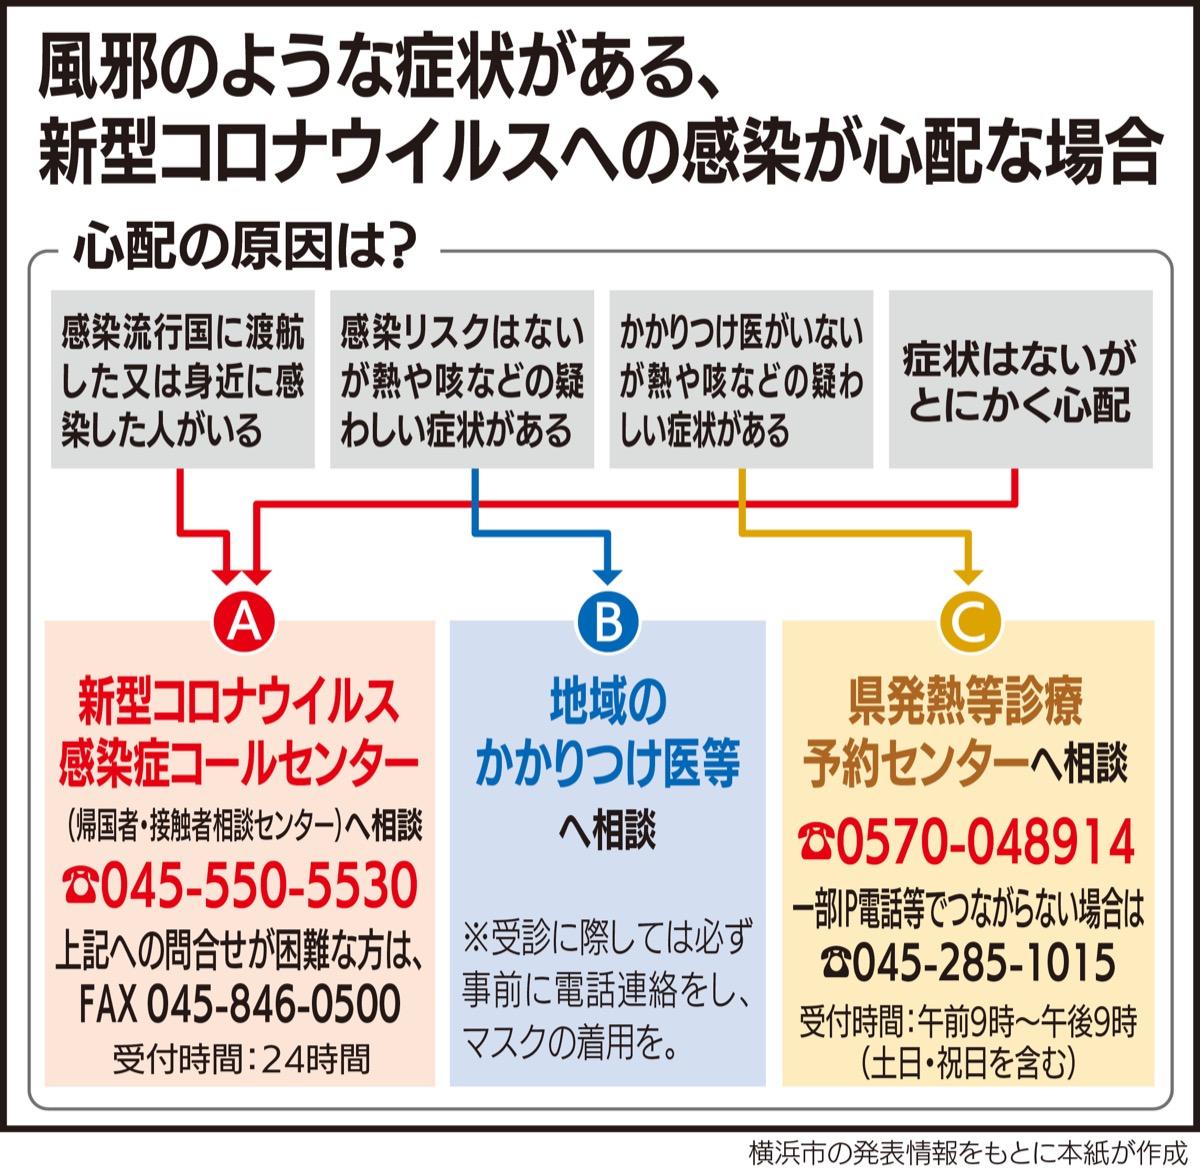 市 者 横浜 情報 感染